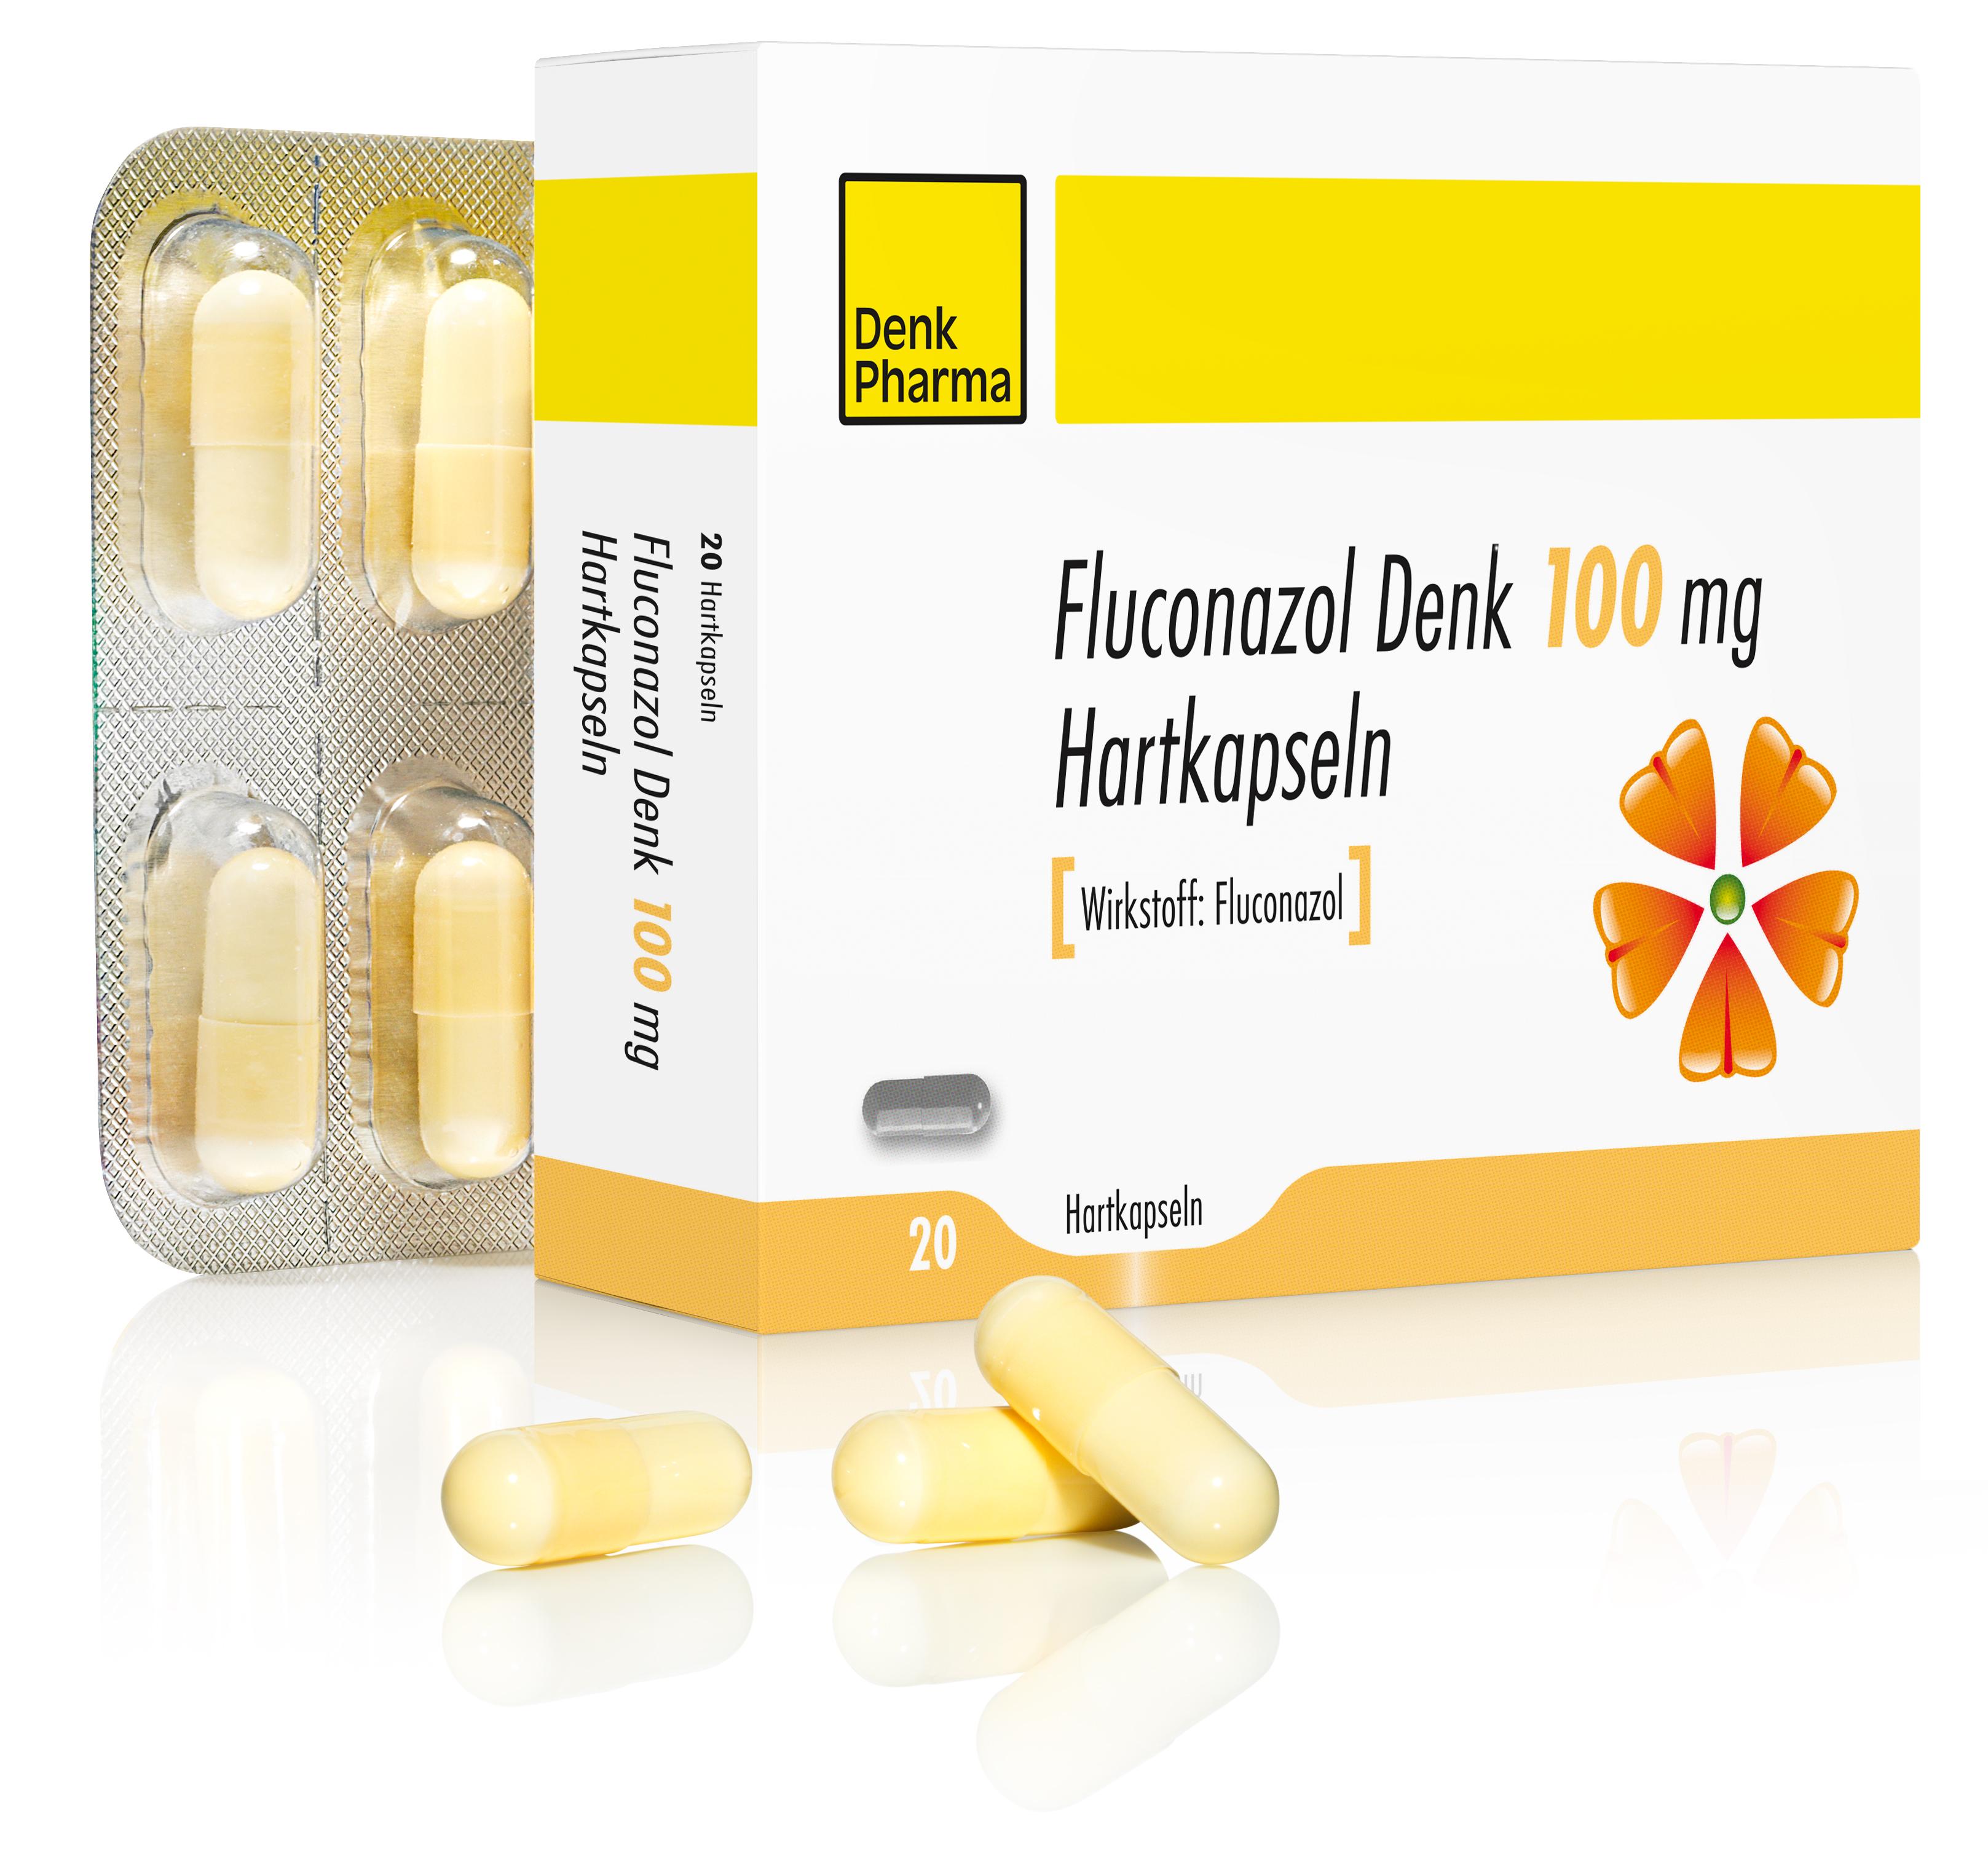 Fluconazol Denk 100mg gross